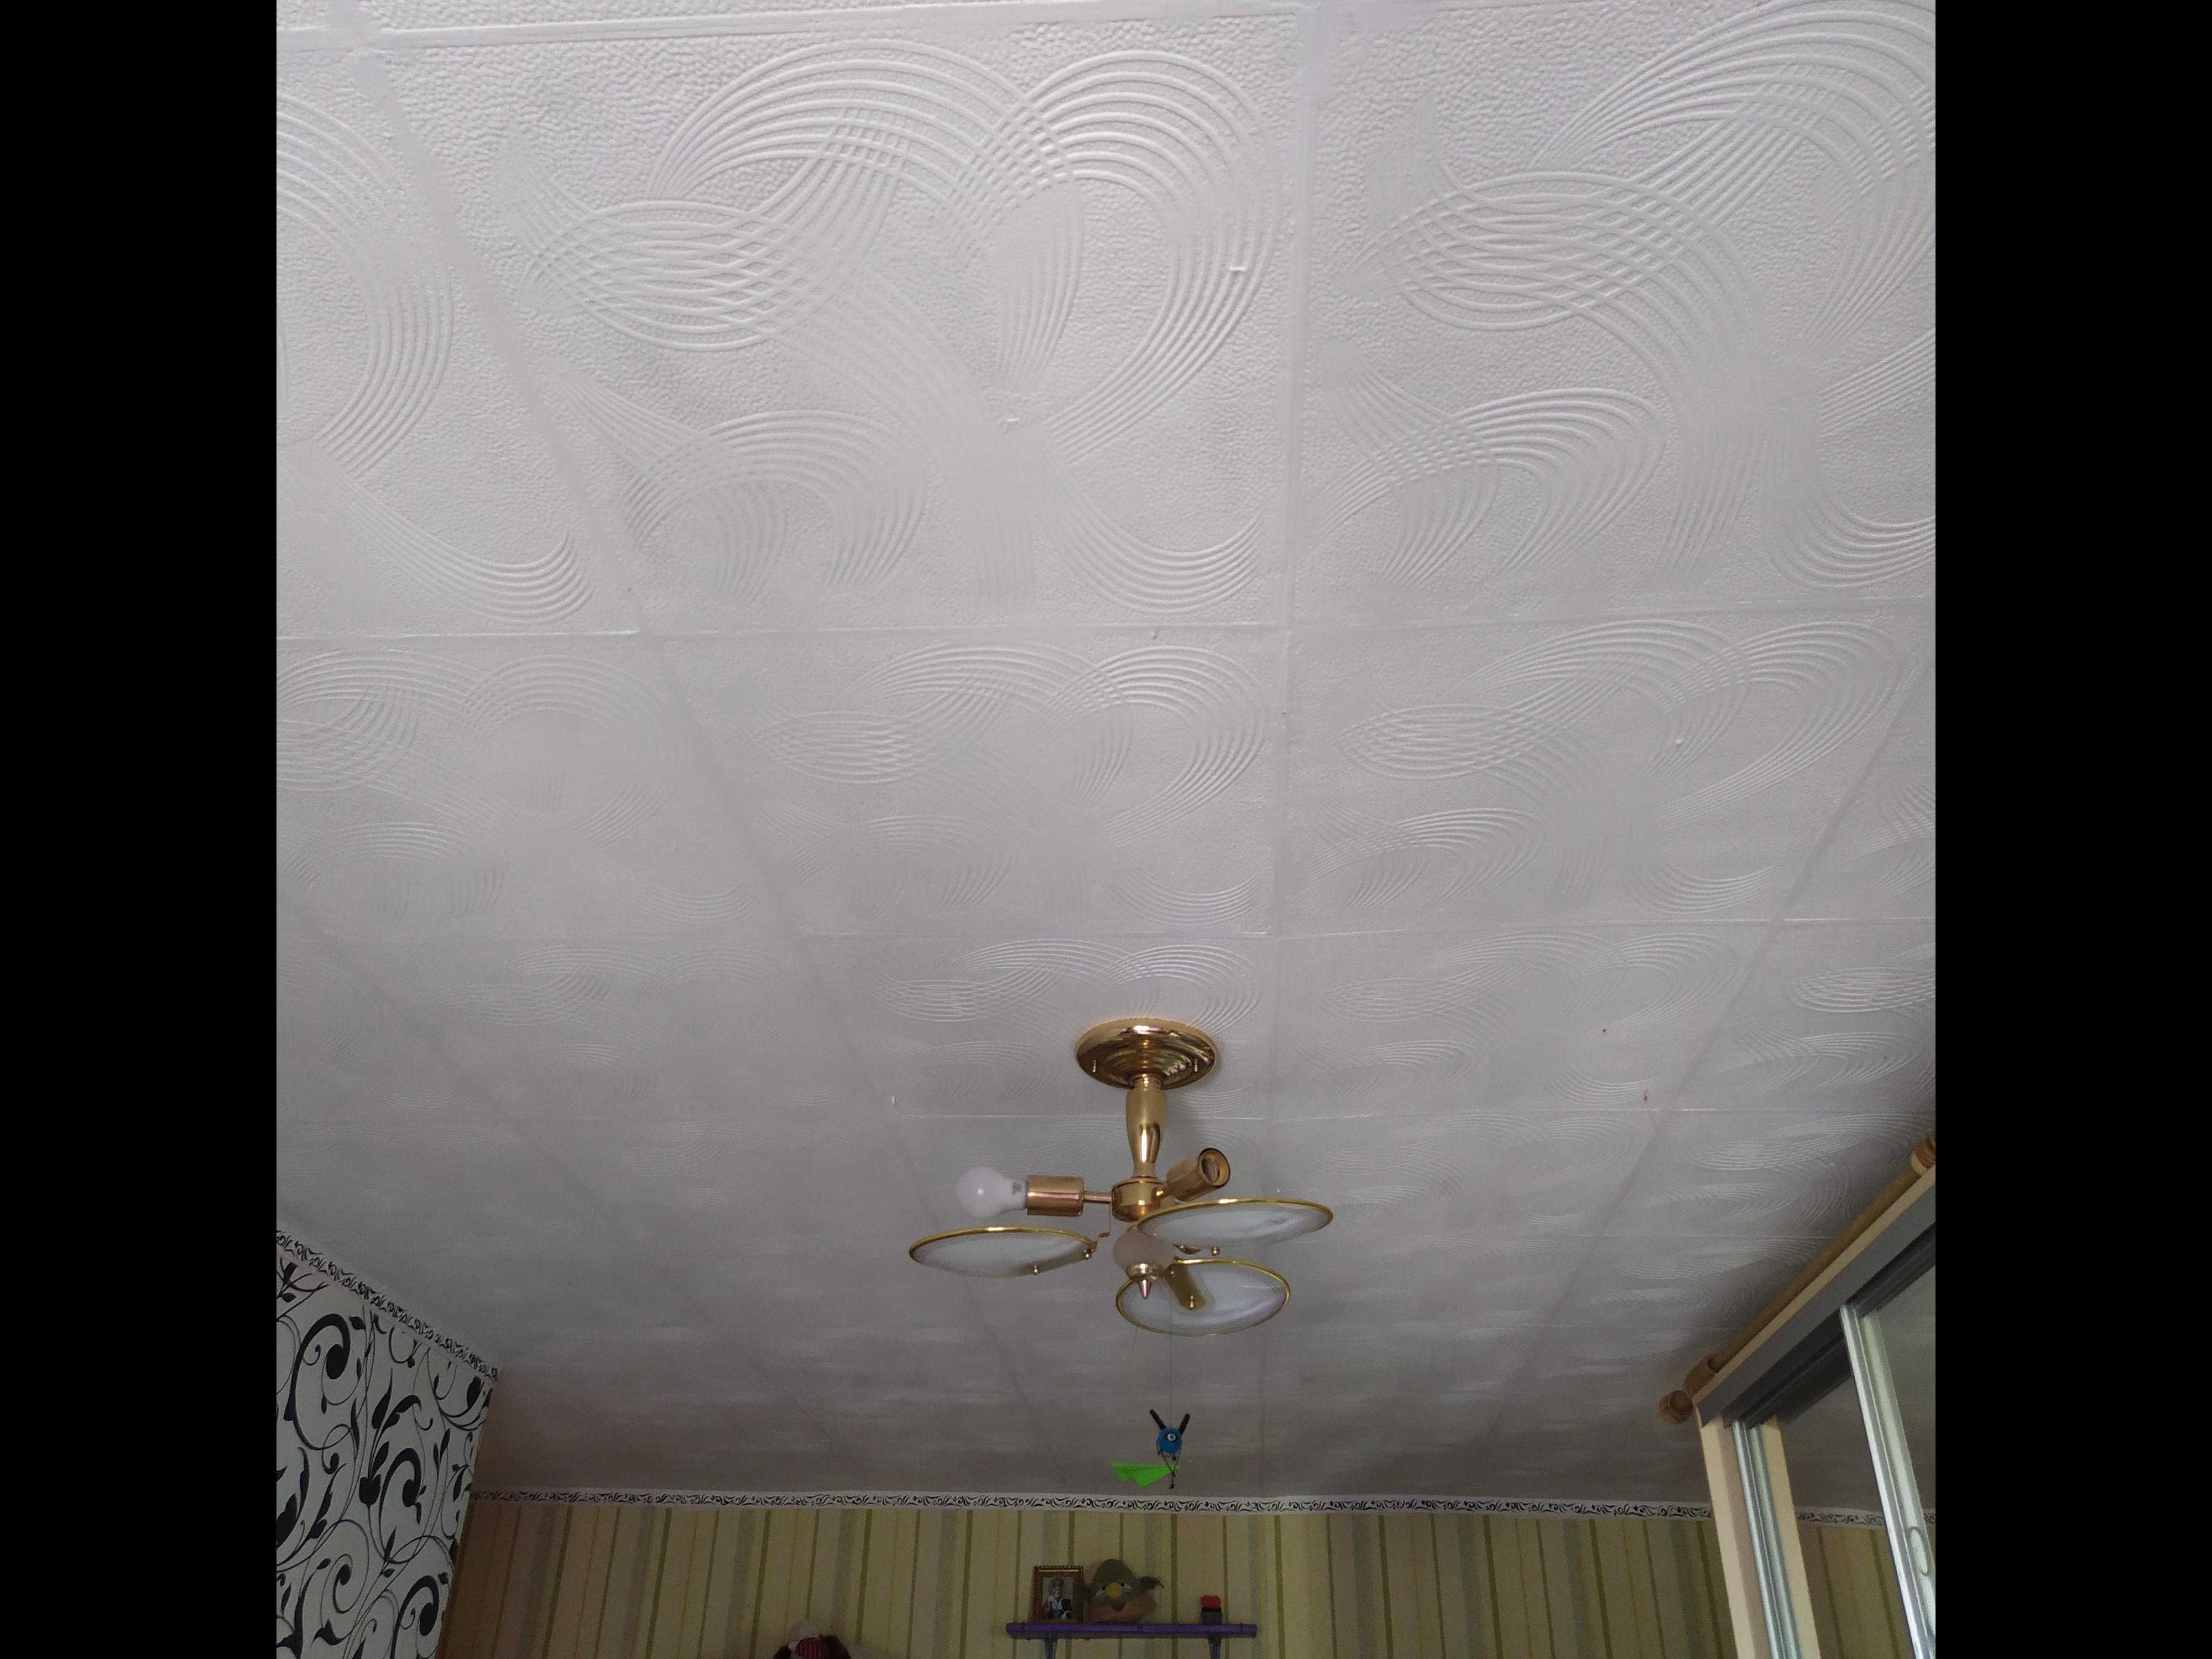 Фото Потолок 18 квадратов, поклейка потолка из пинопластовых плит за 2дня.